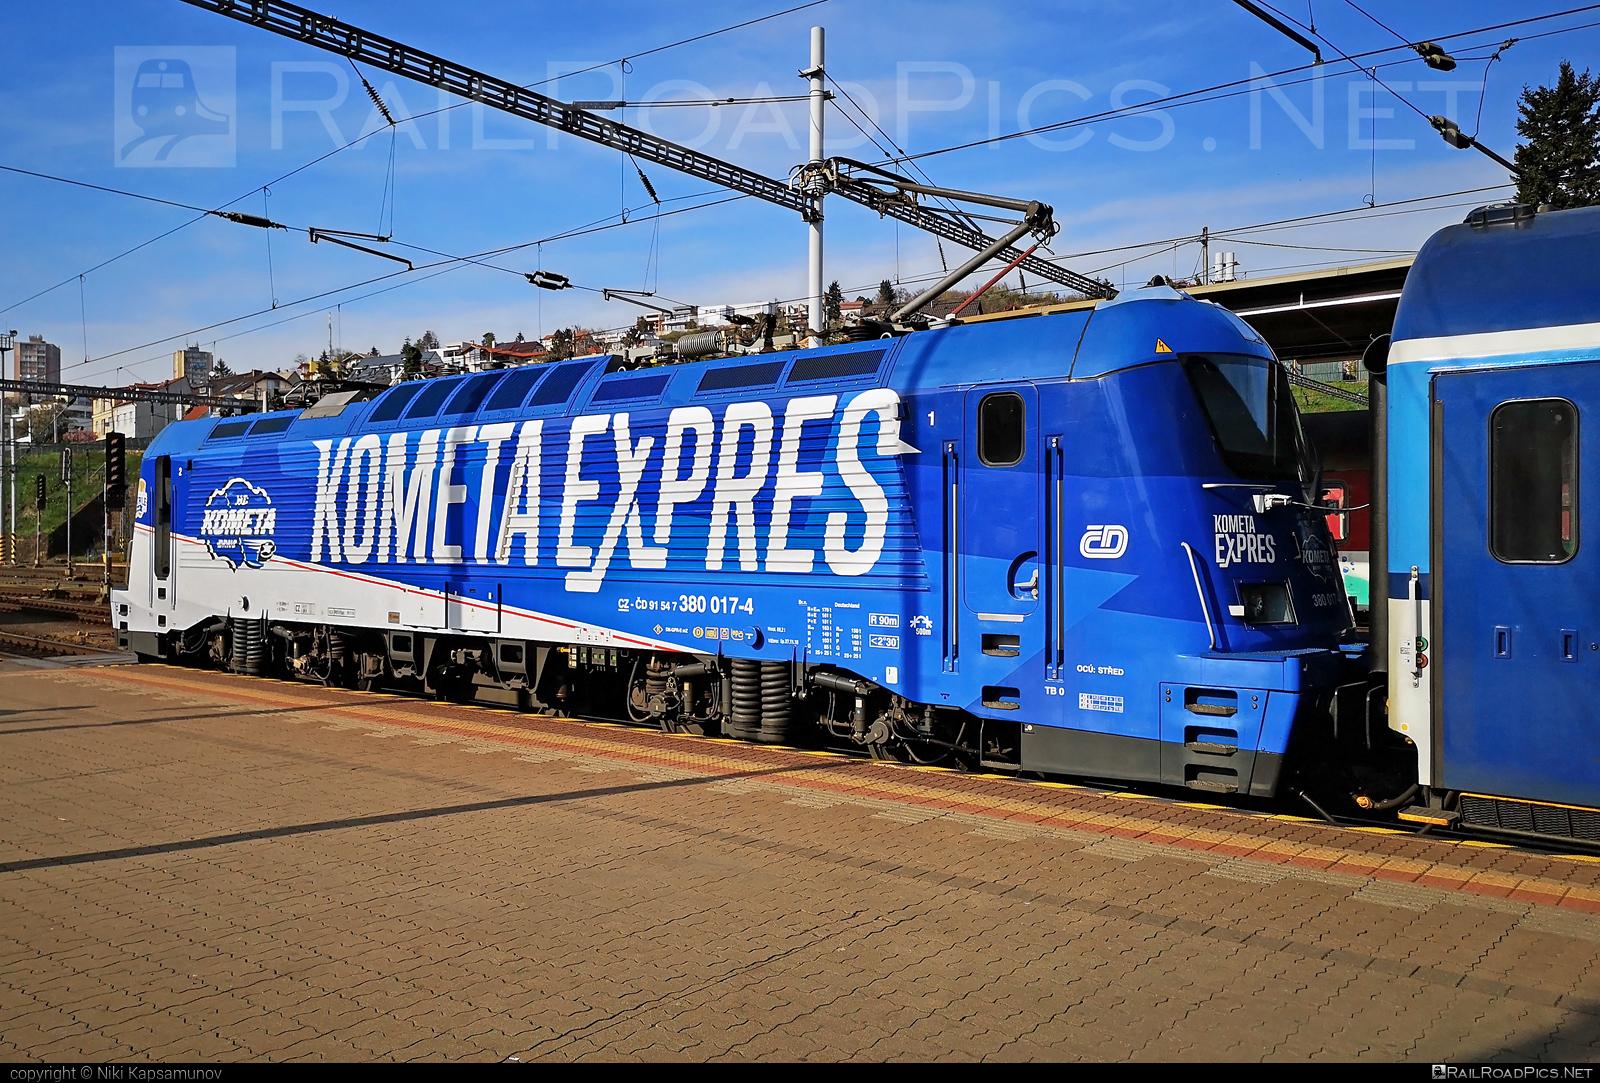 Škoda 109E1 Emil Zátopek - 380 017-4 operated by České dráhy, a.s. #ceskedrahy #emilzatopeklocomotive #kometaexpres #locomotive380 #skoda #skoda109e #skoda109elocomotive